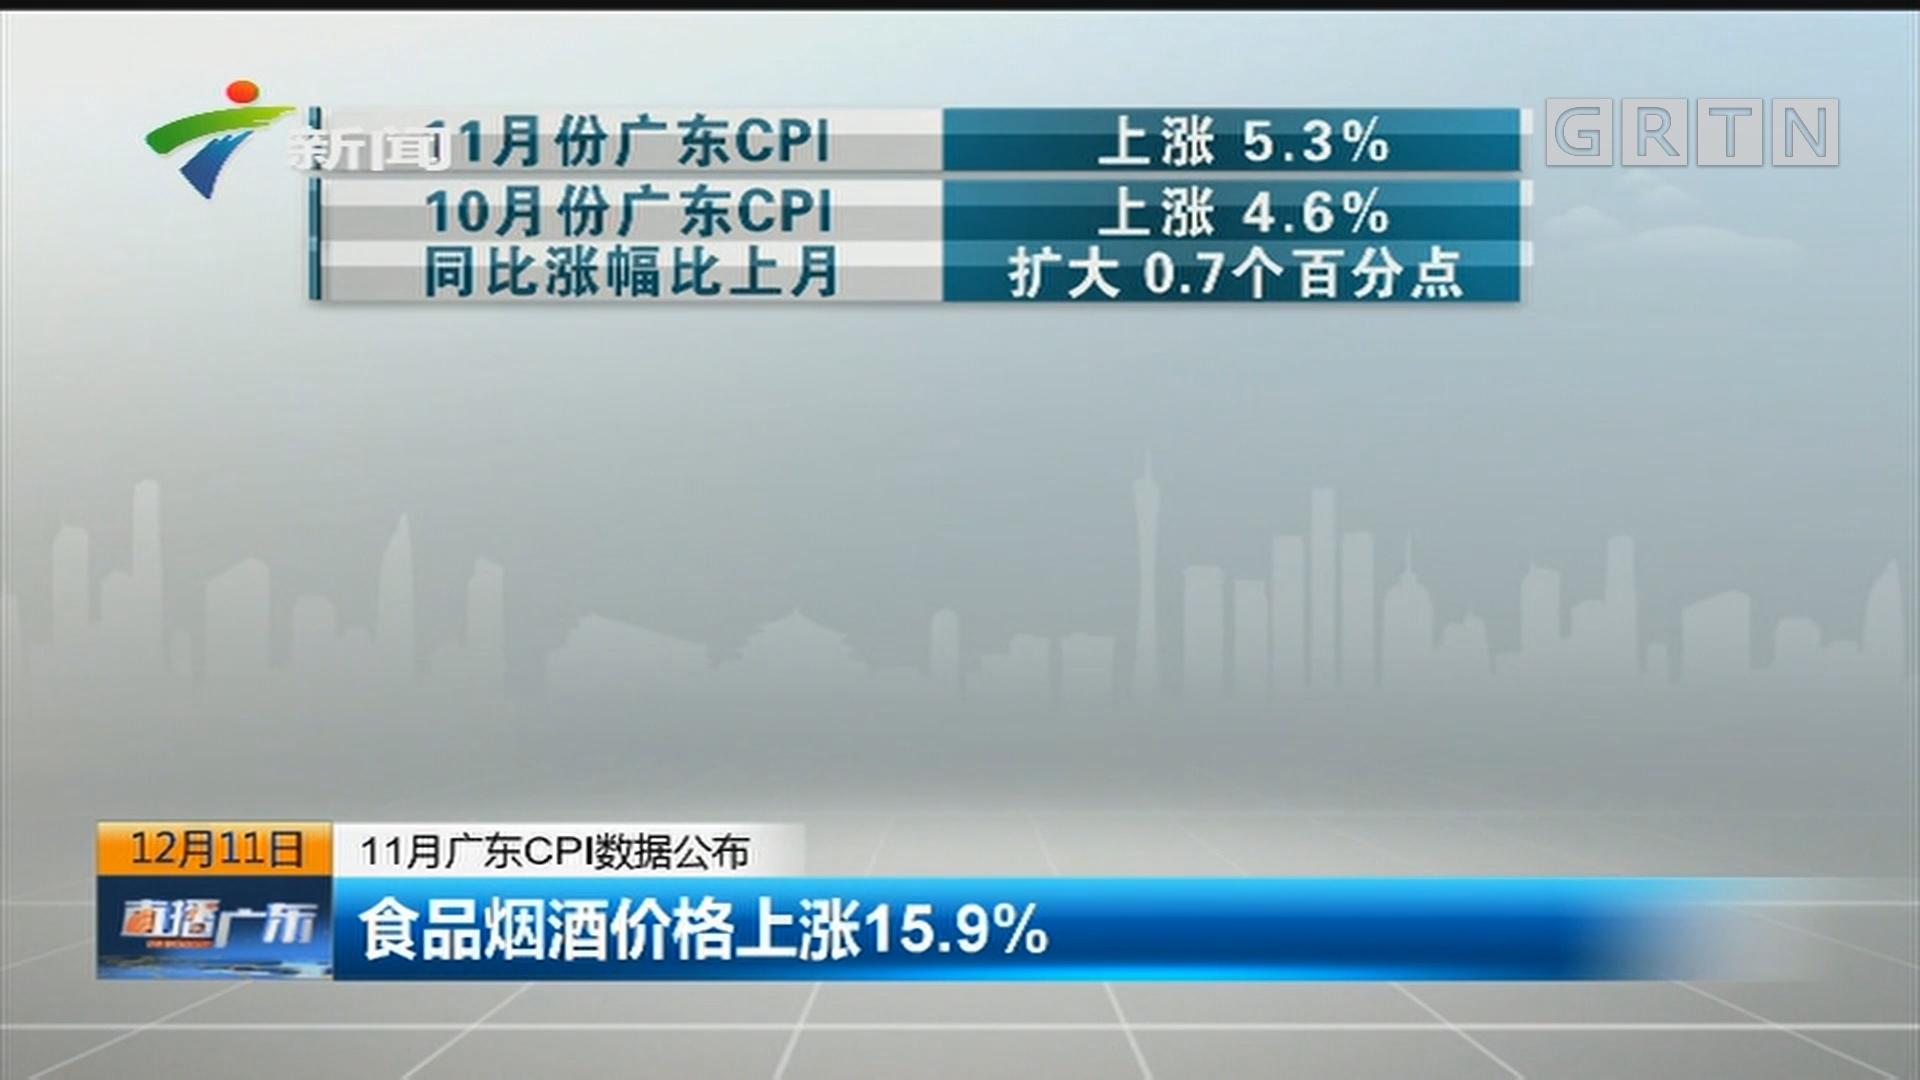 11月广东CPI数据公布:食品烟酒价格上涨15.9%